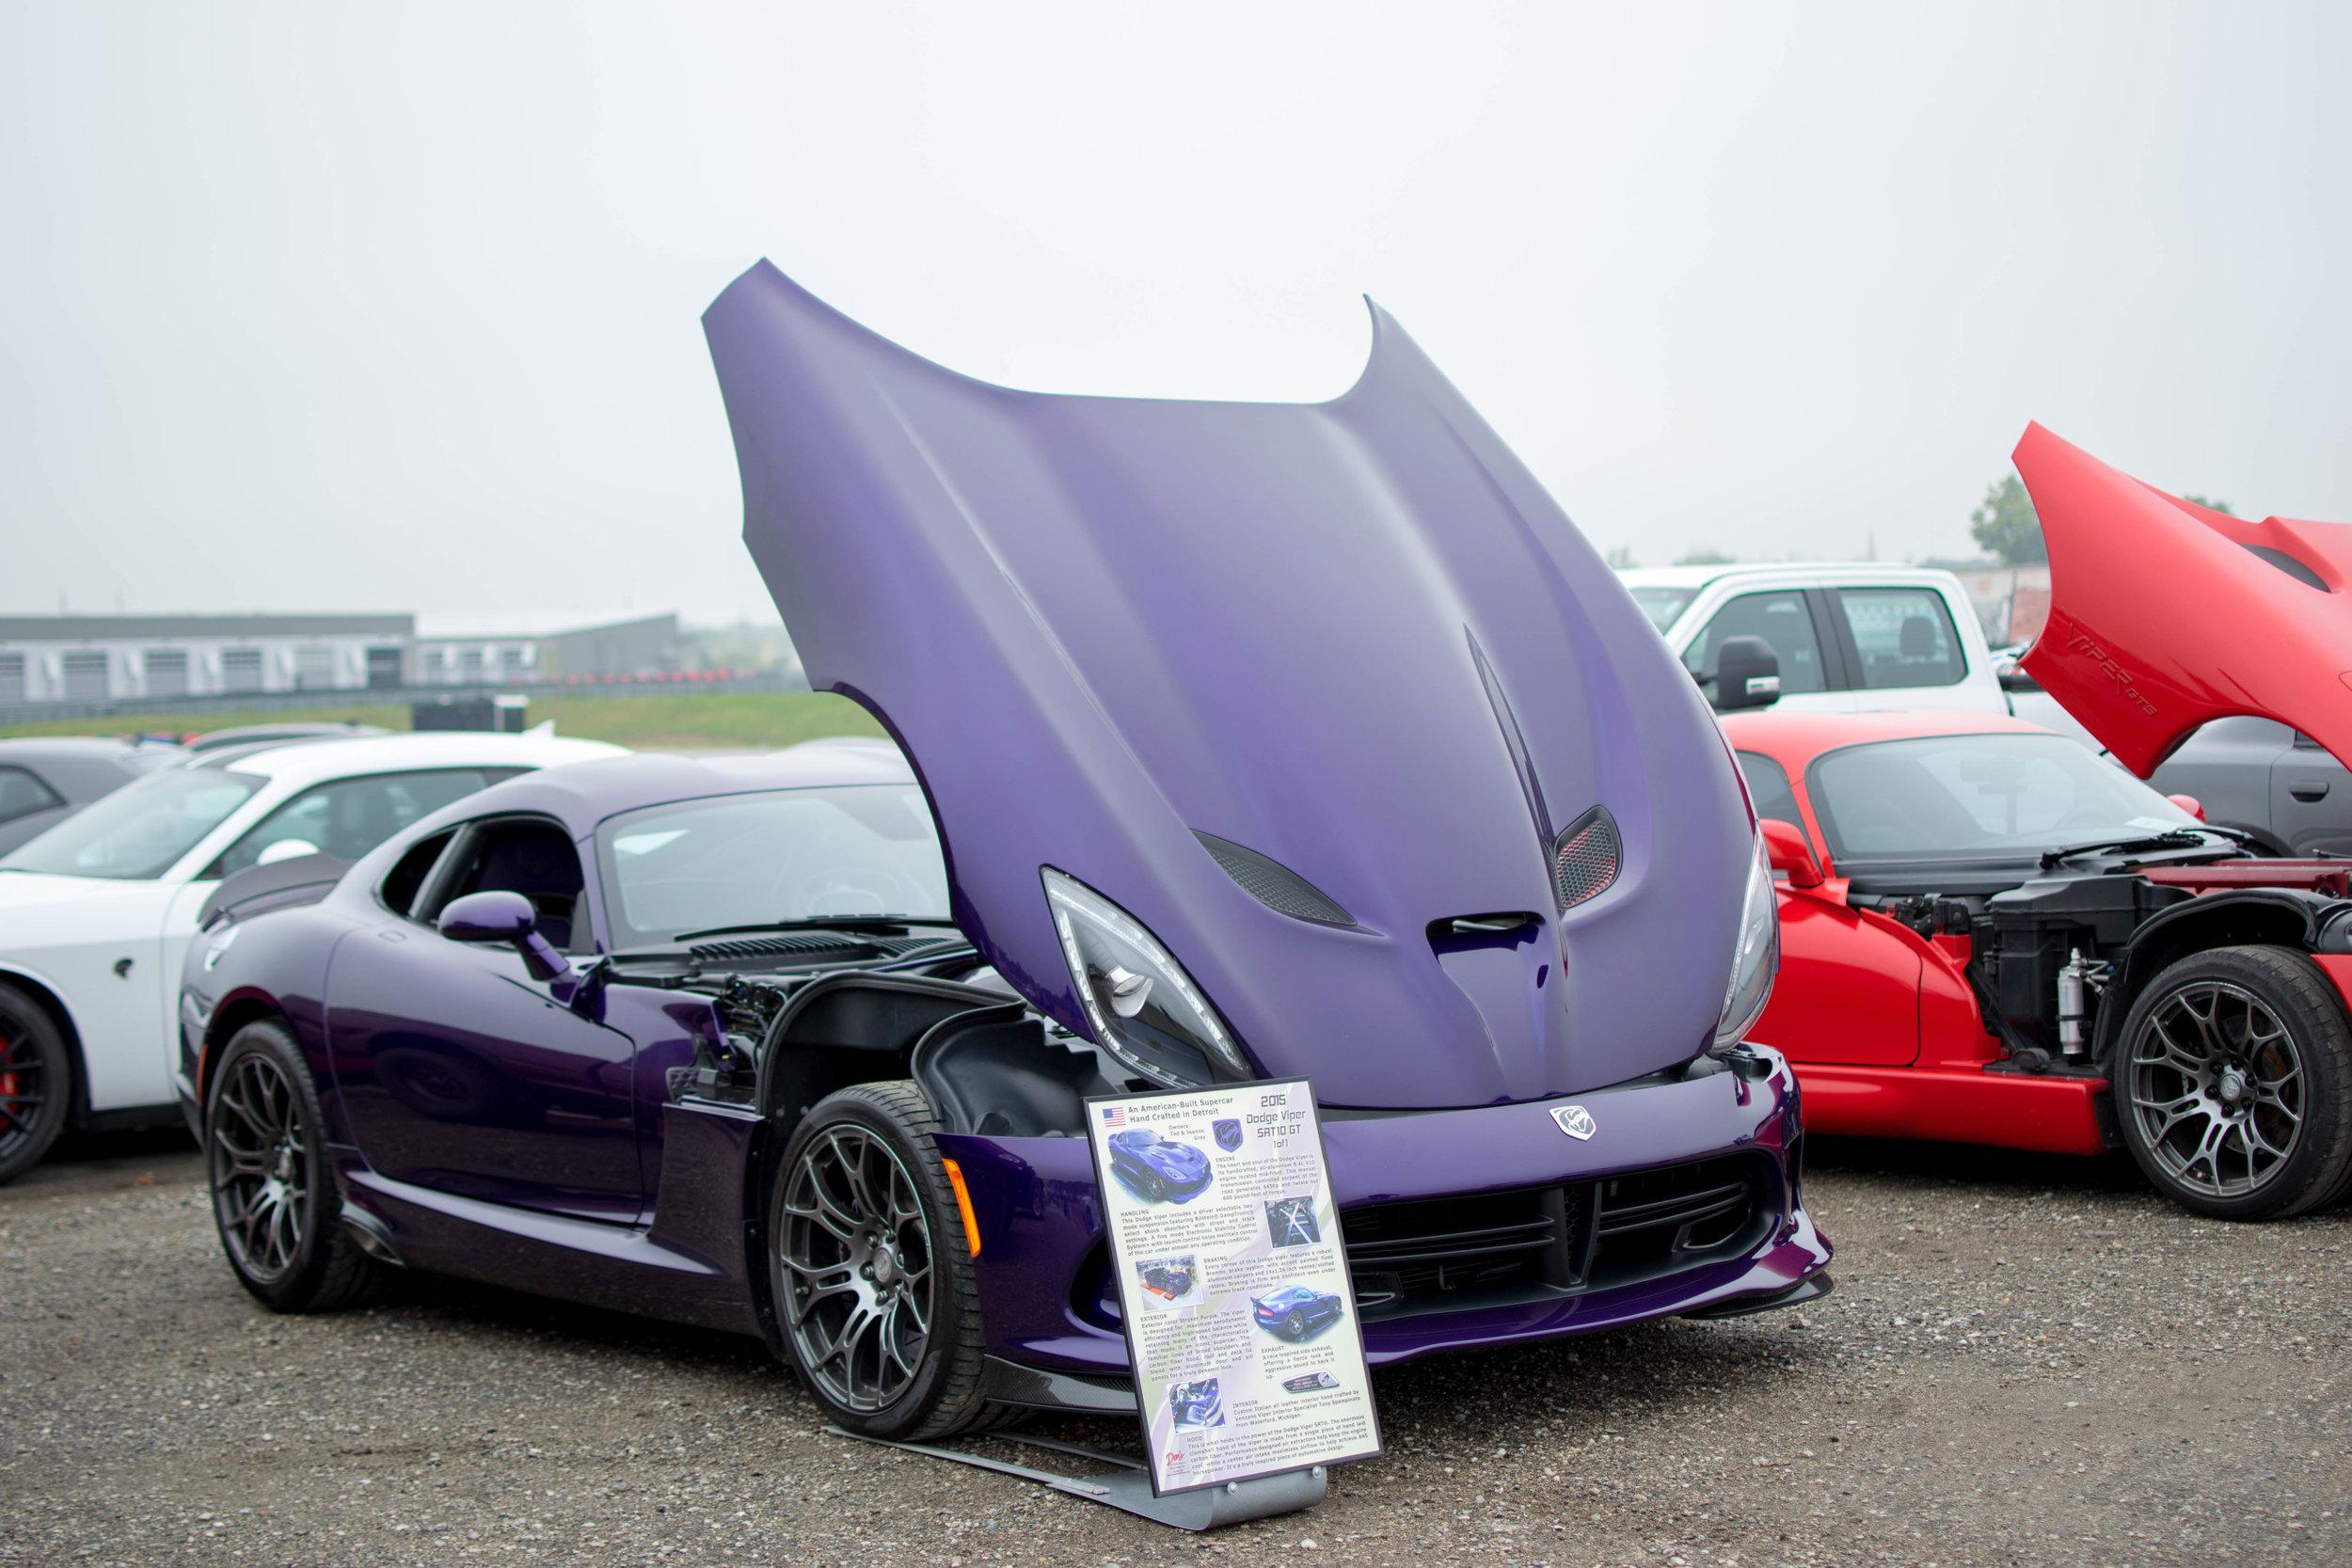 Ted Gray's purple Dodge Viper